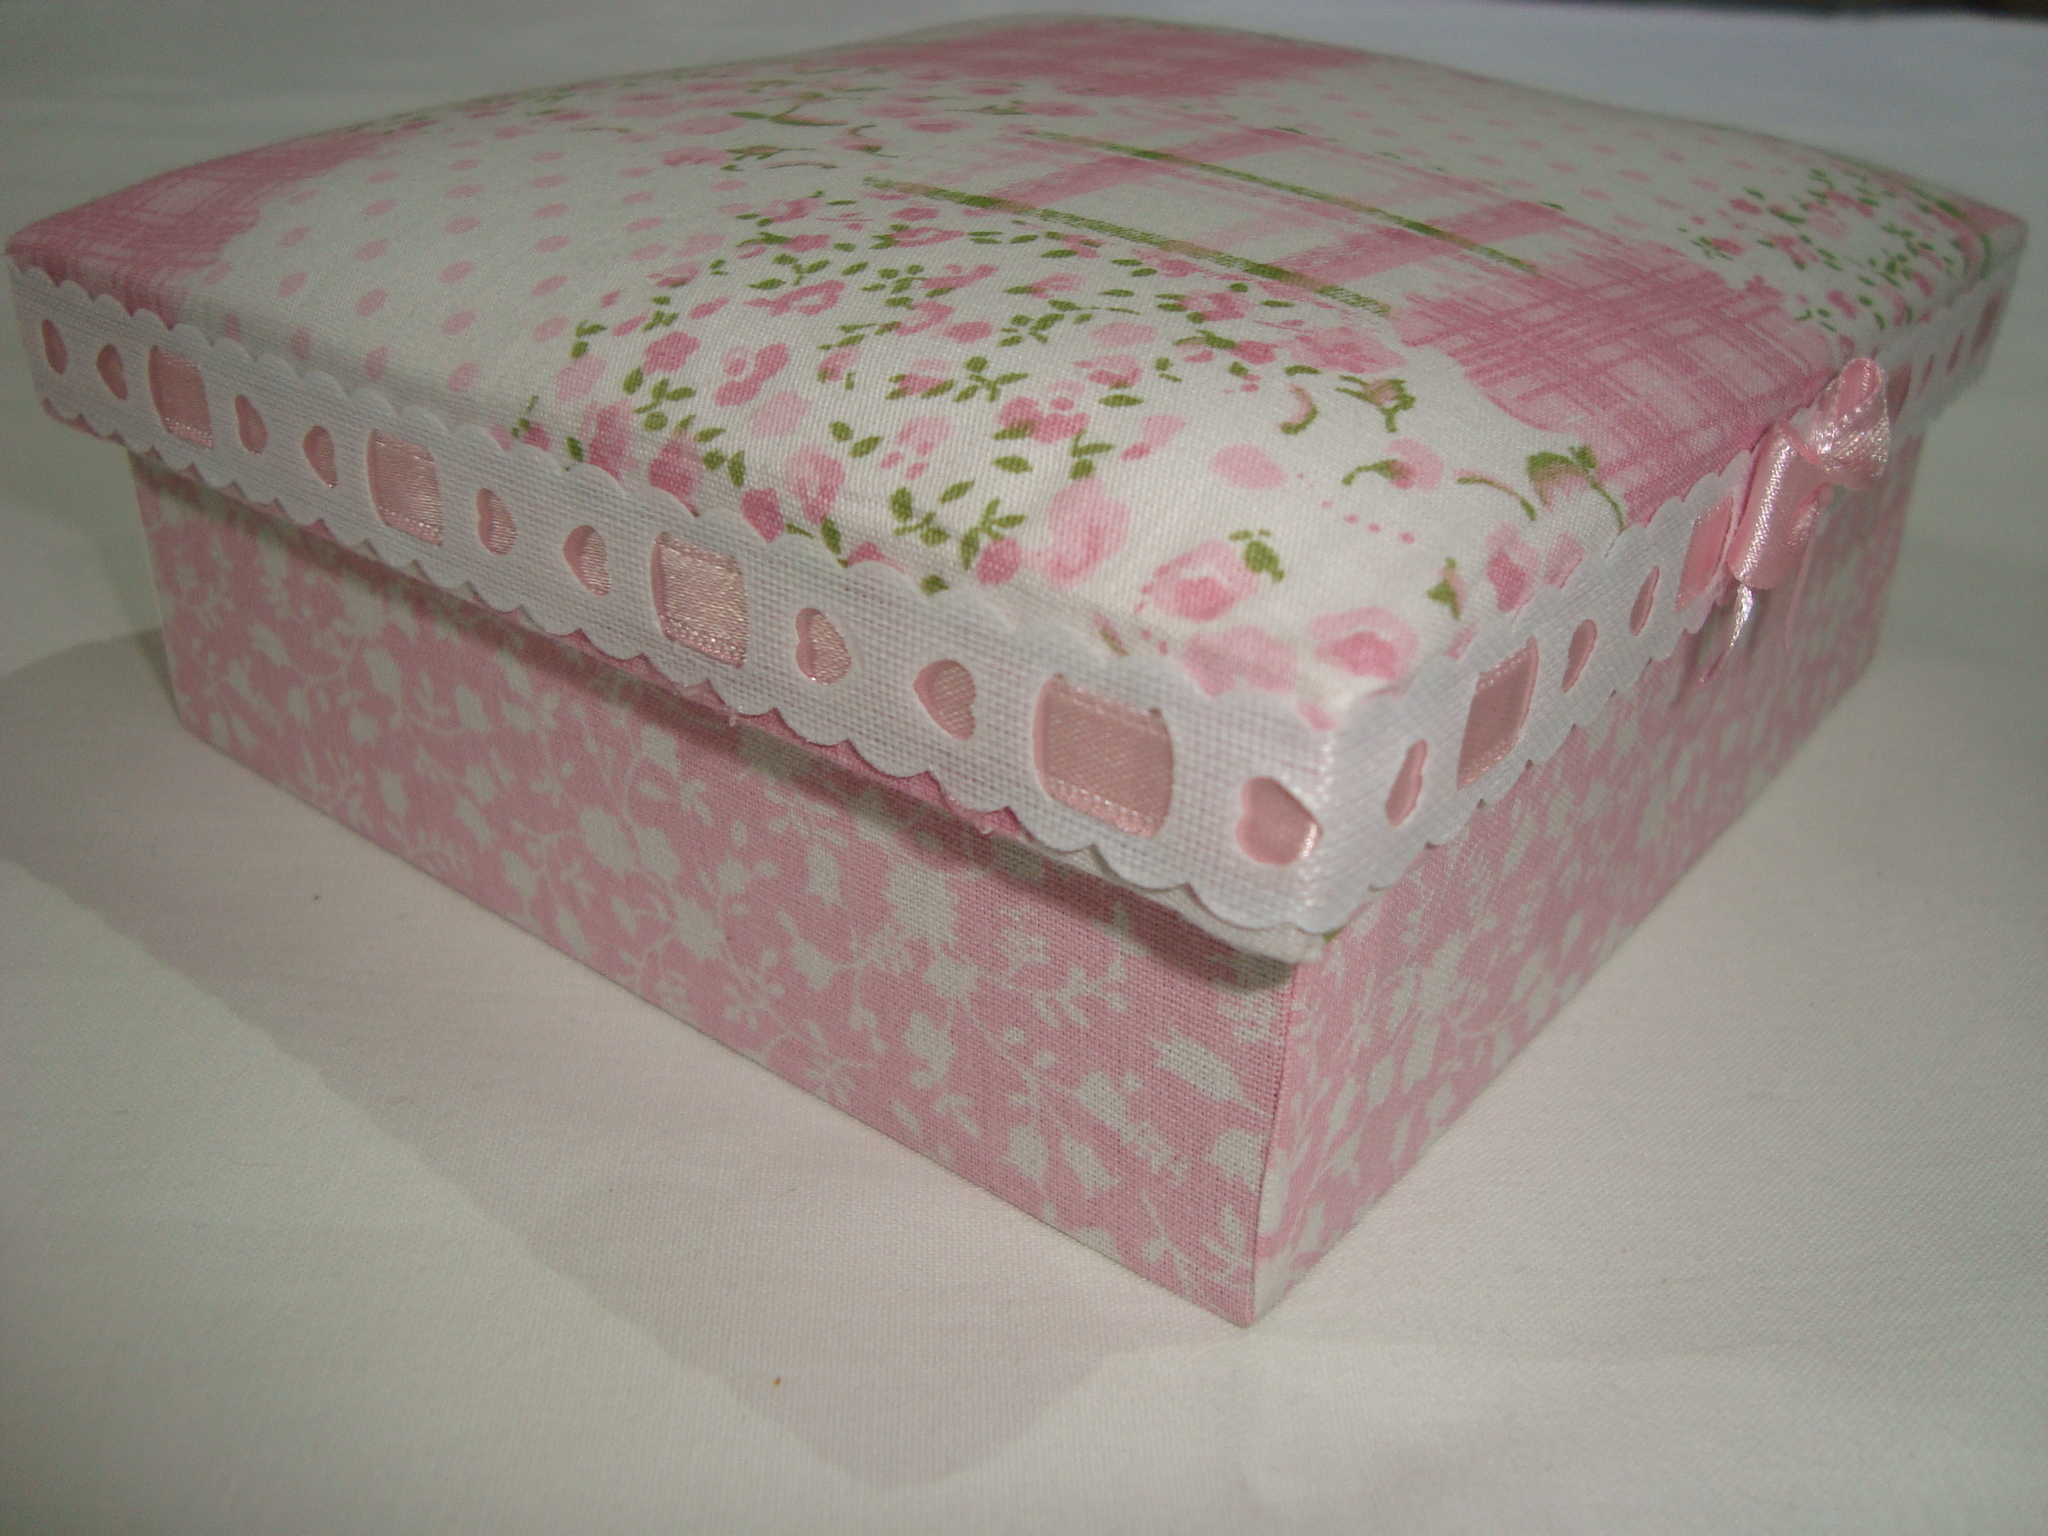 caixa revestida com tecido caixa revestida com tecido #515B38 2048x1536